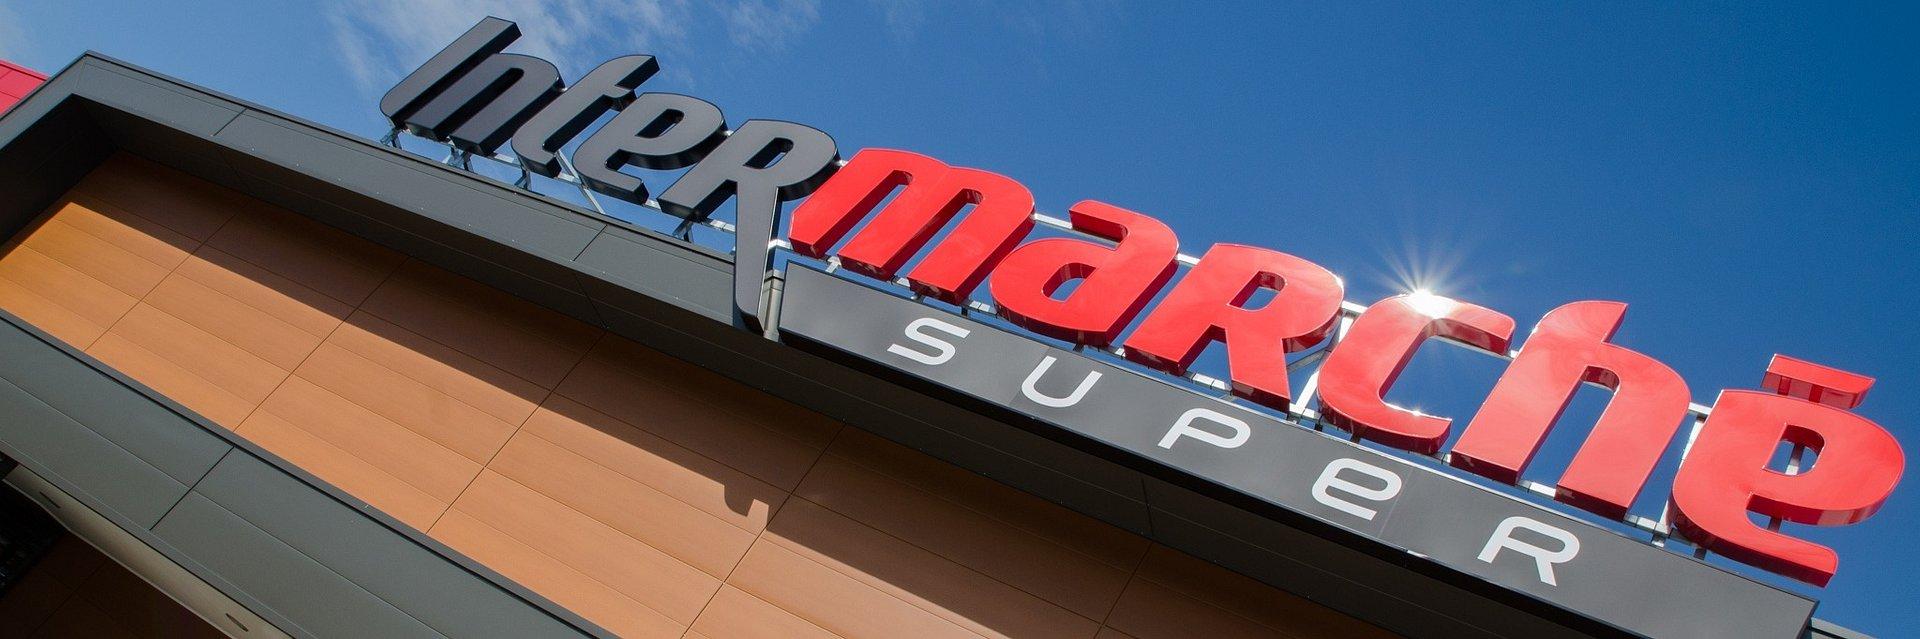 Intermarché abre nova loja em Samora Correia